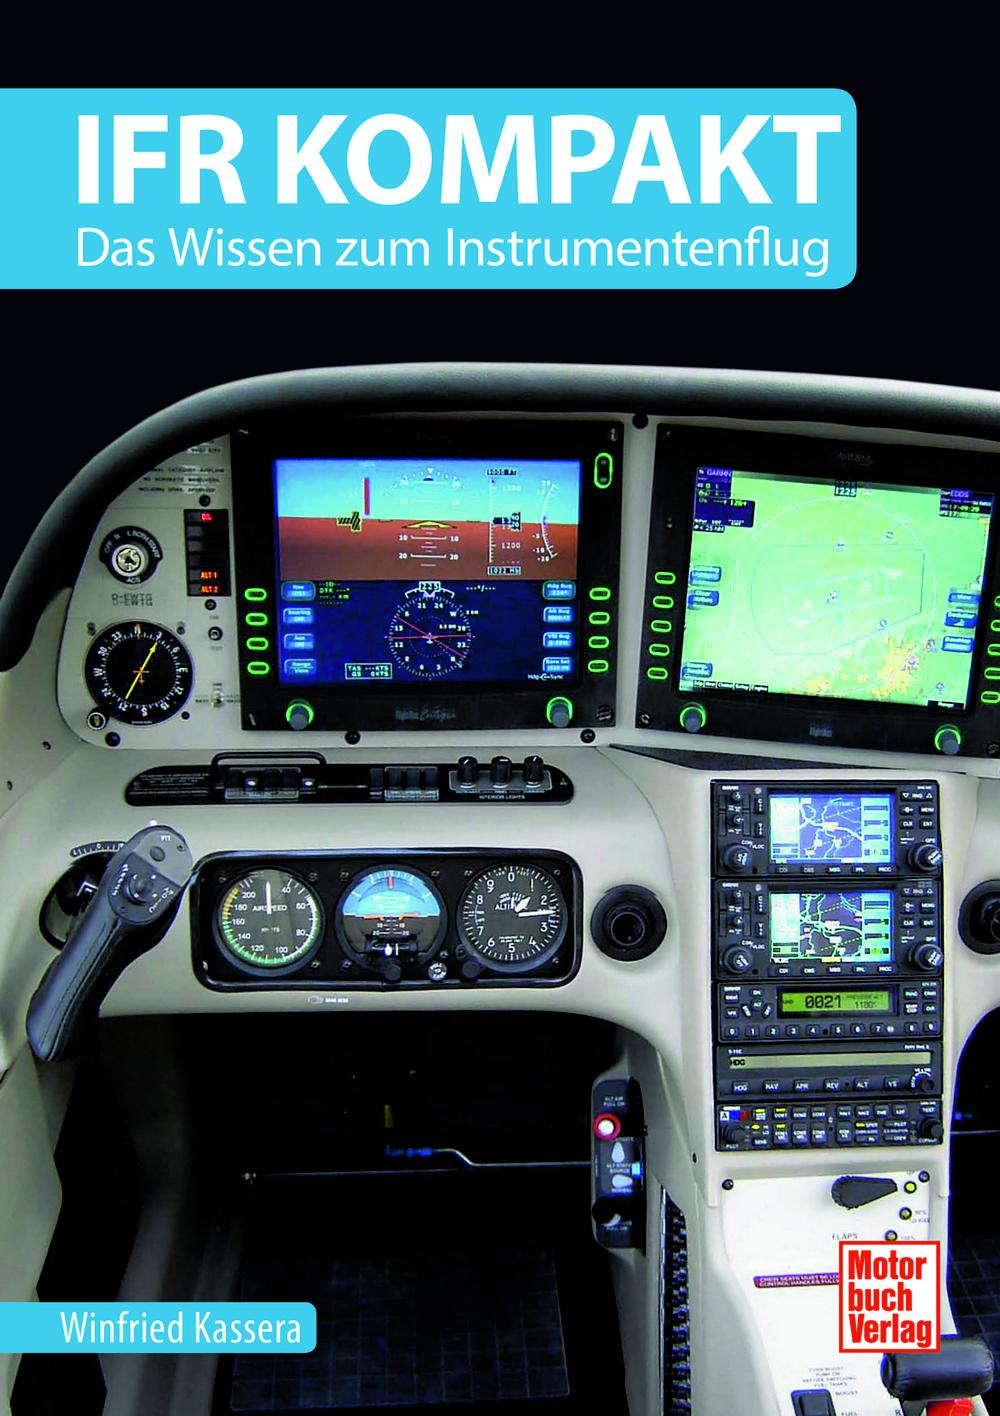 Motorbuch Verlag IFR kompakt